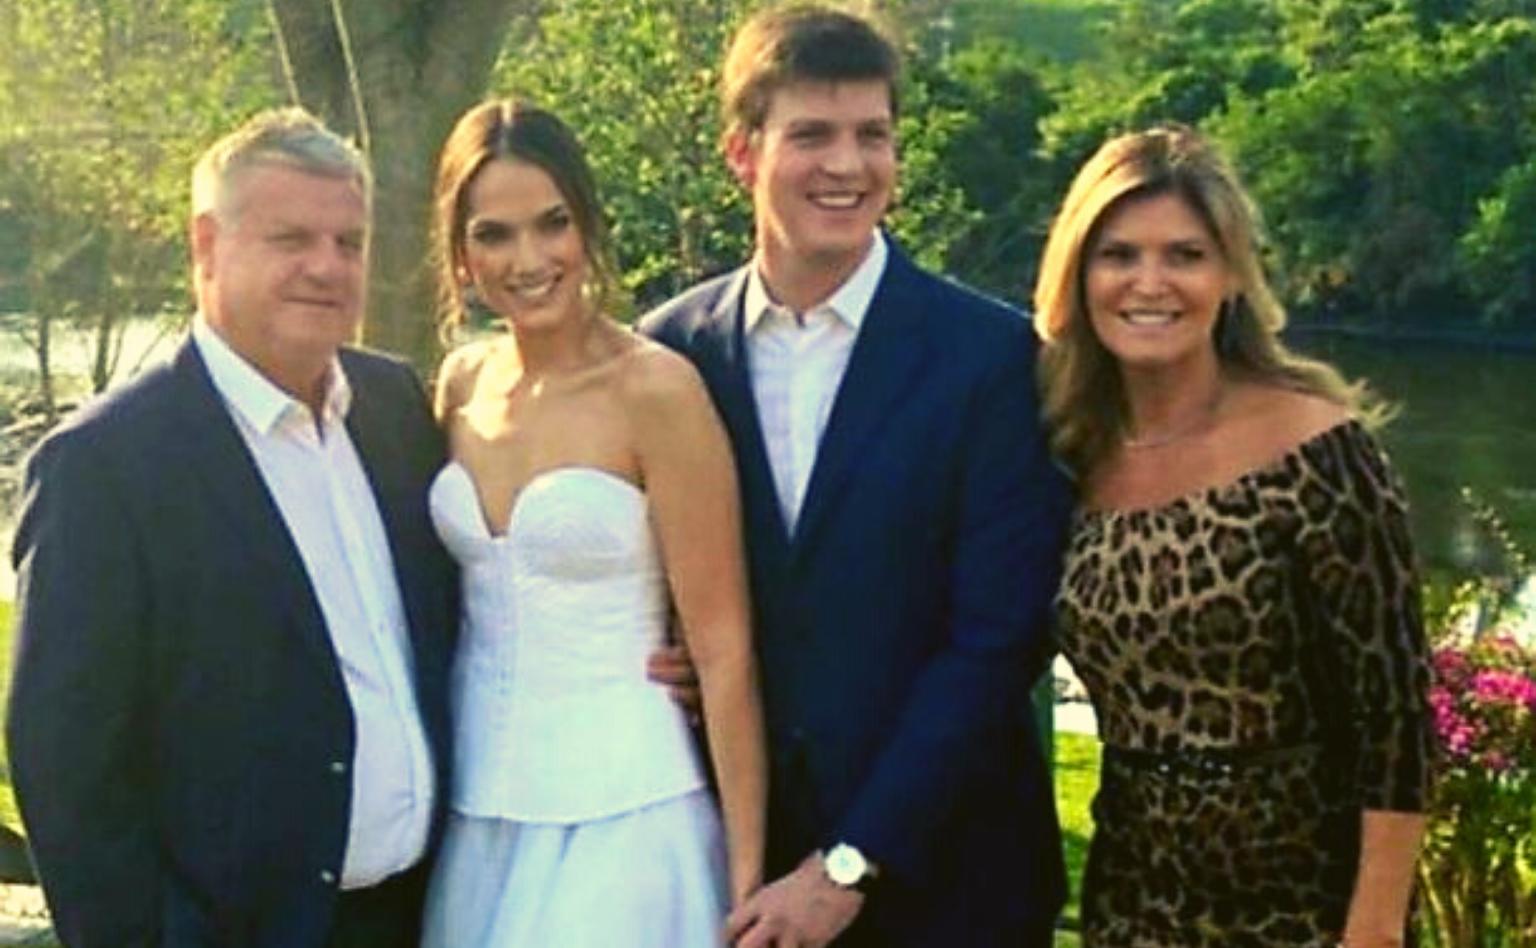 Famílias Schlickmann e Agostinelli festejam noivado em São Ludgero